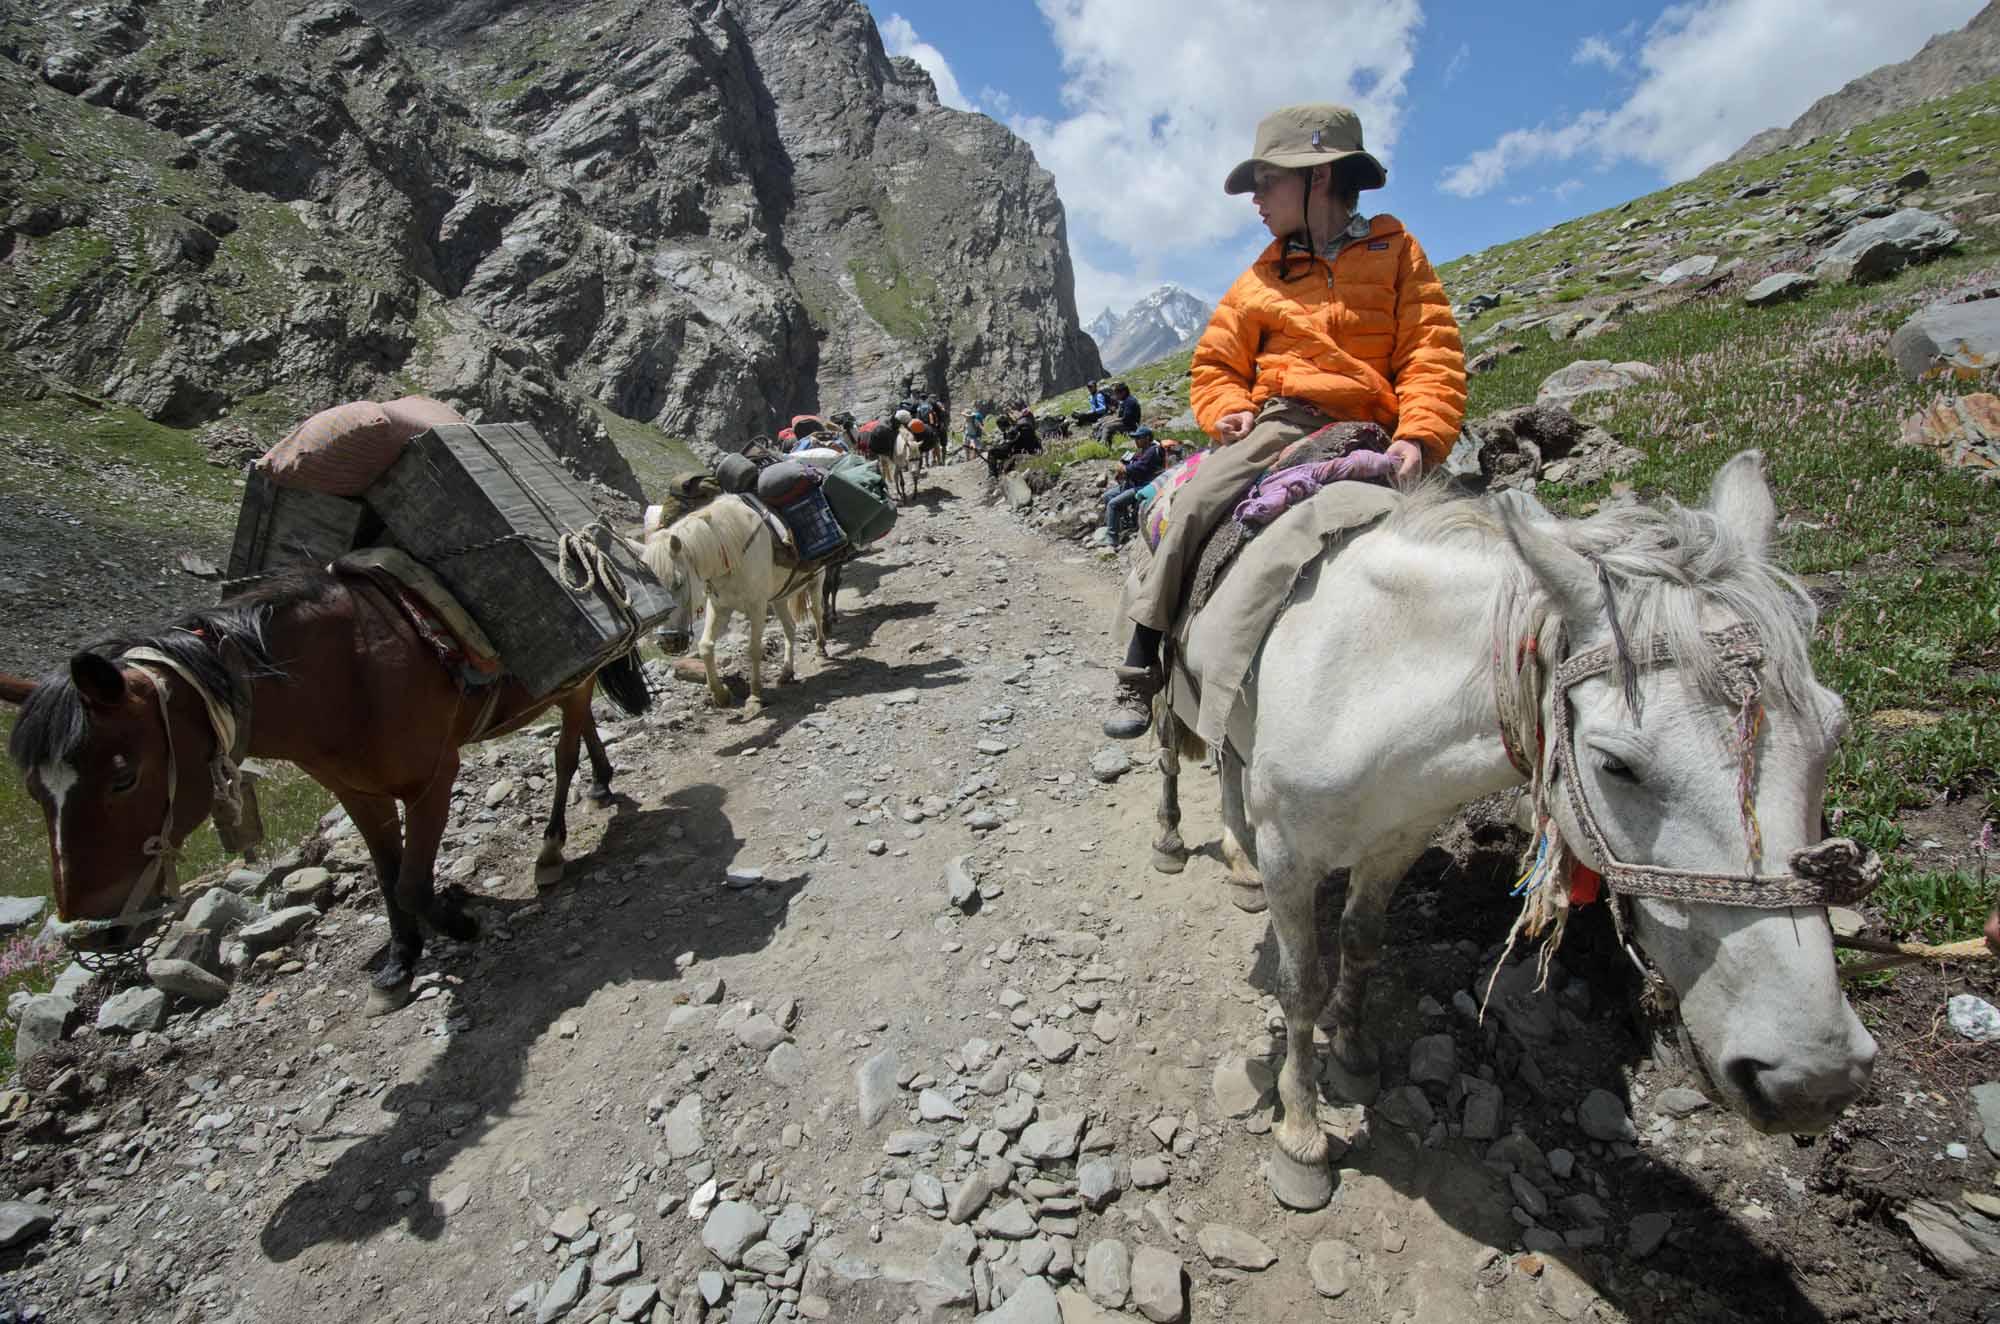 Blue-Sky-Kingdom-Family-Vacation-to-a-Buddhist-Monastery-KarshaGompa-BruceKirkby-trek-horses